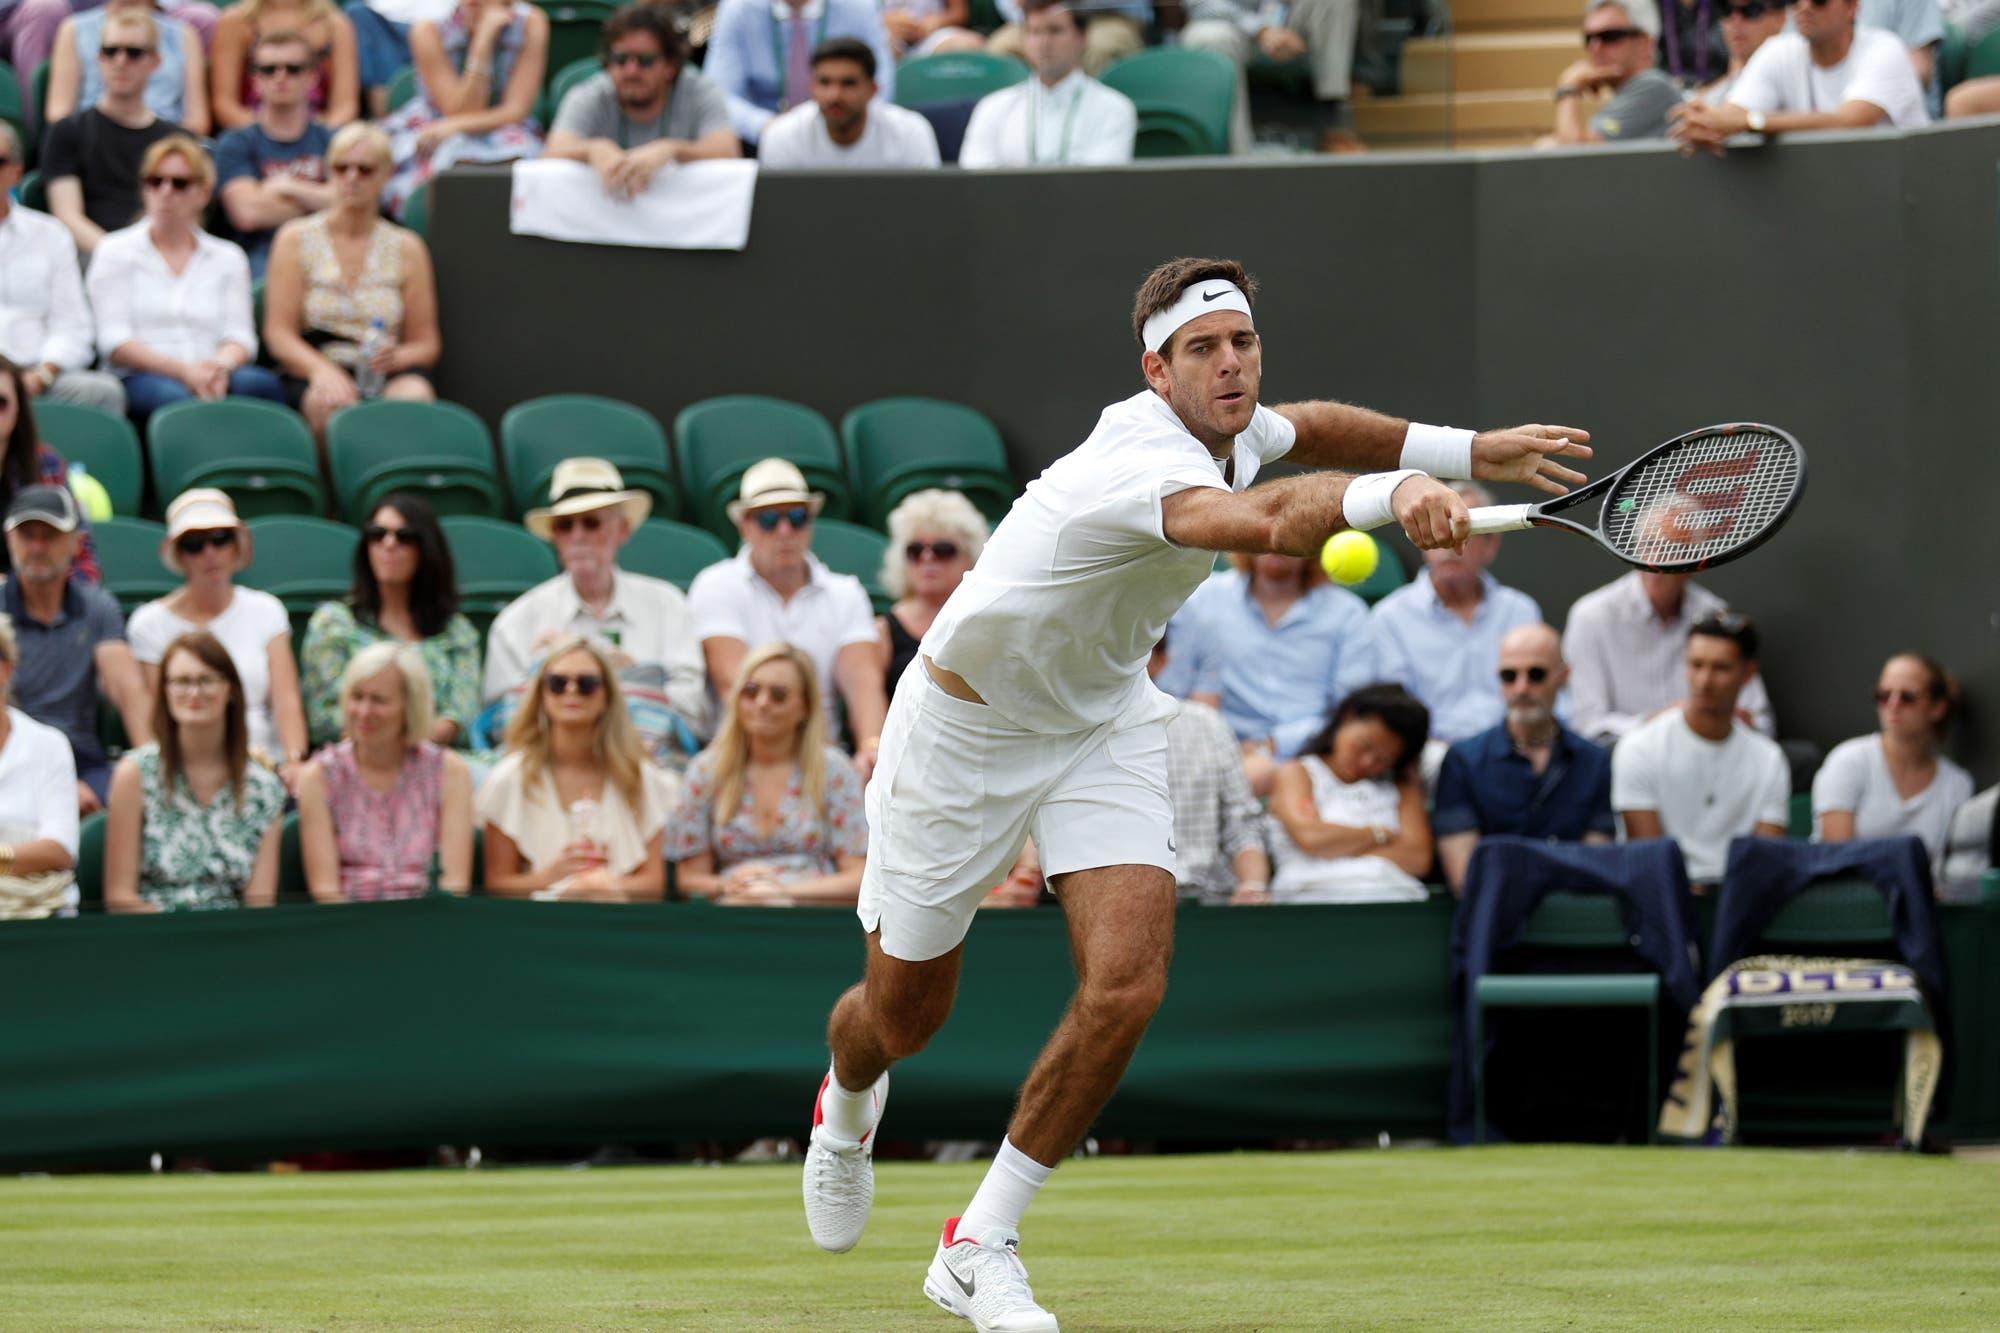 Se sorteó el cuadro de Wimbledon: cómo sería el camino de Juan Martín del Potro en el césped inglés